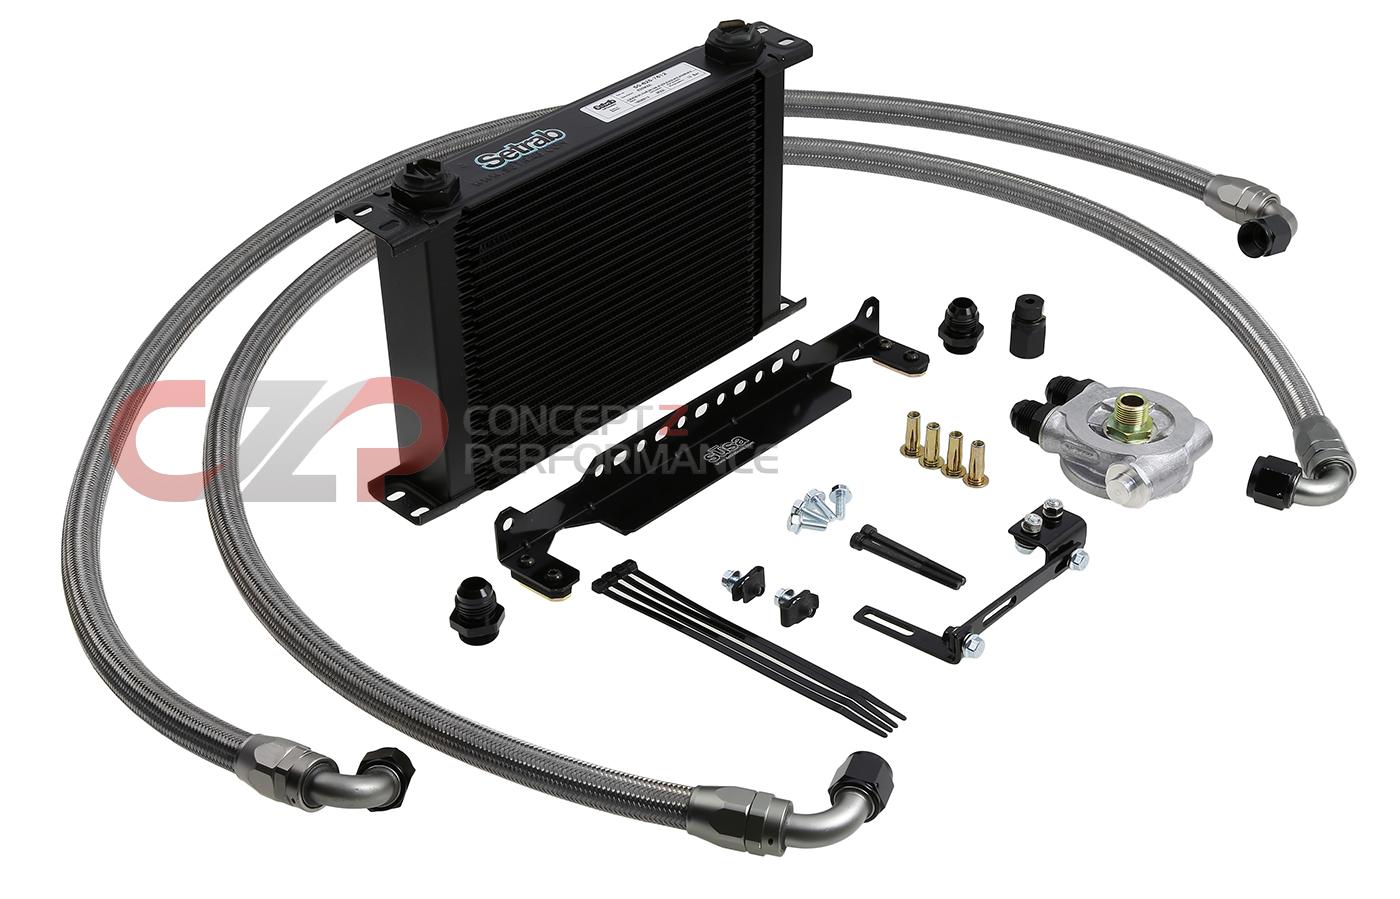 G35 Engine Oil Cooler : Z motorsports oil cooler kit nissan infiniti g